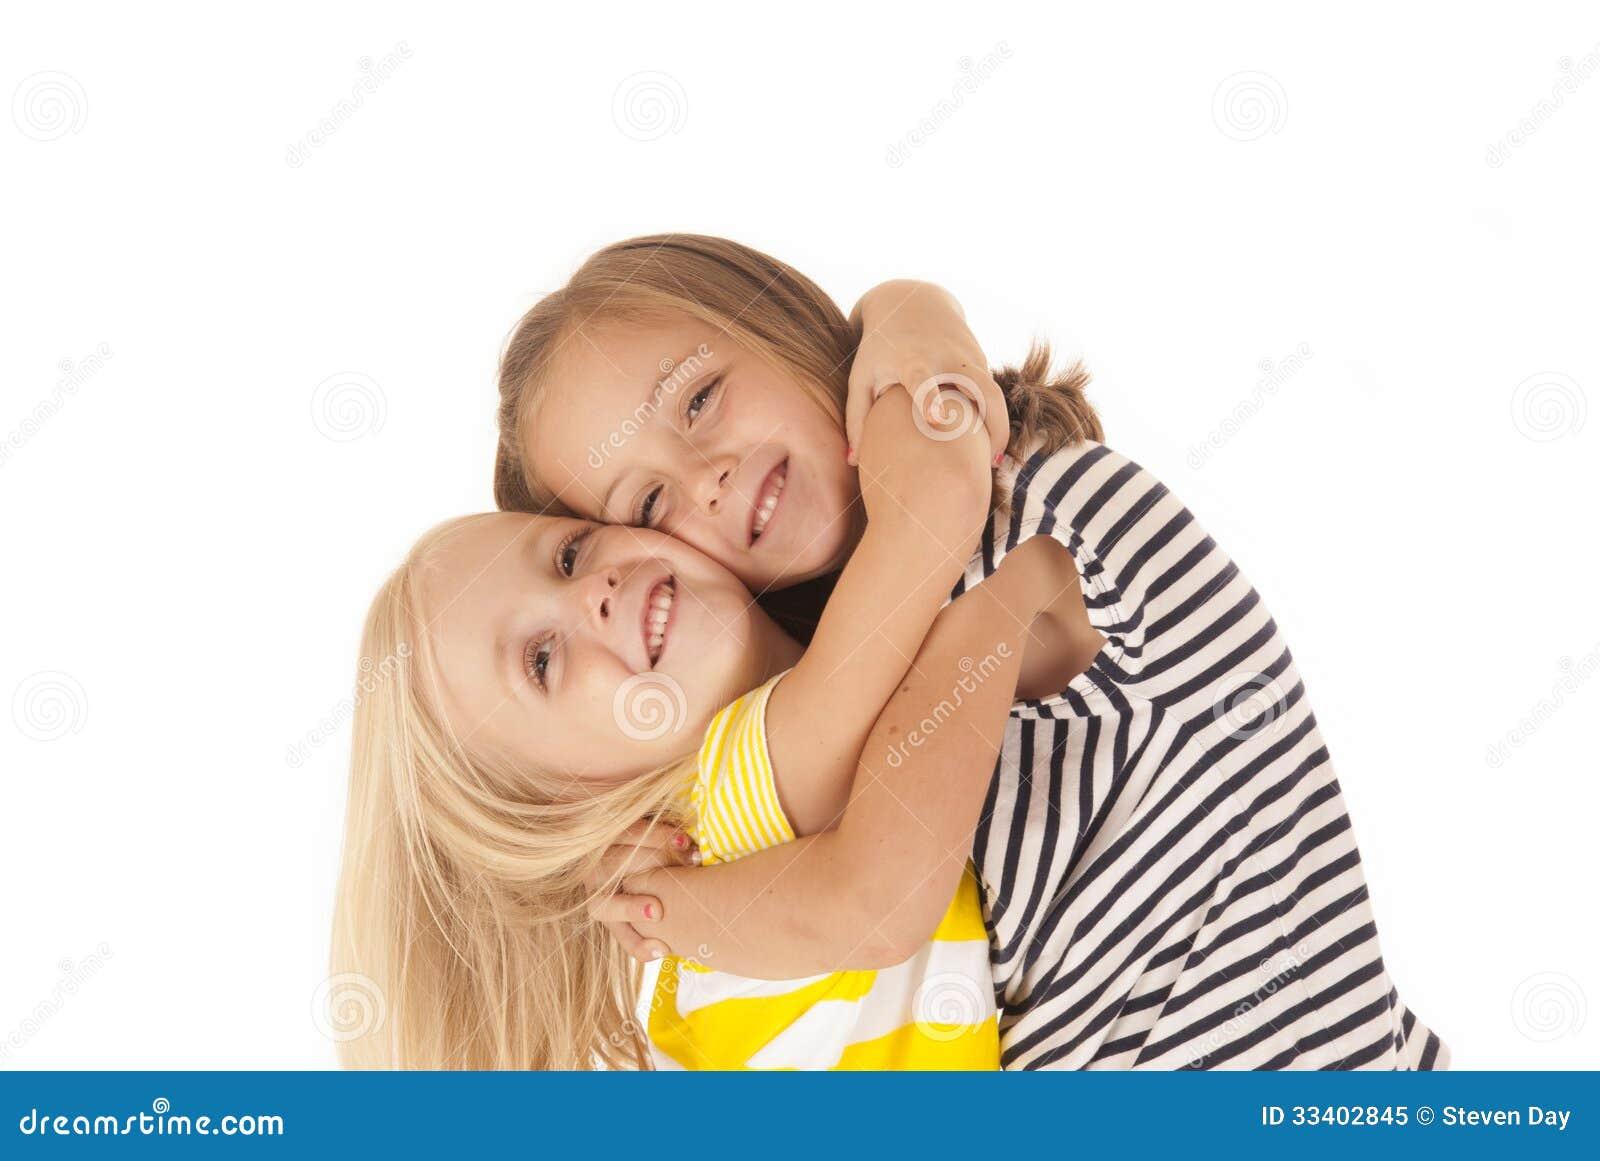 δύο νέες αδελφές που δίνουν ένα καθιστώντας προσφιλές αγκάλιασμα